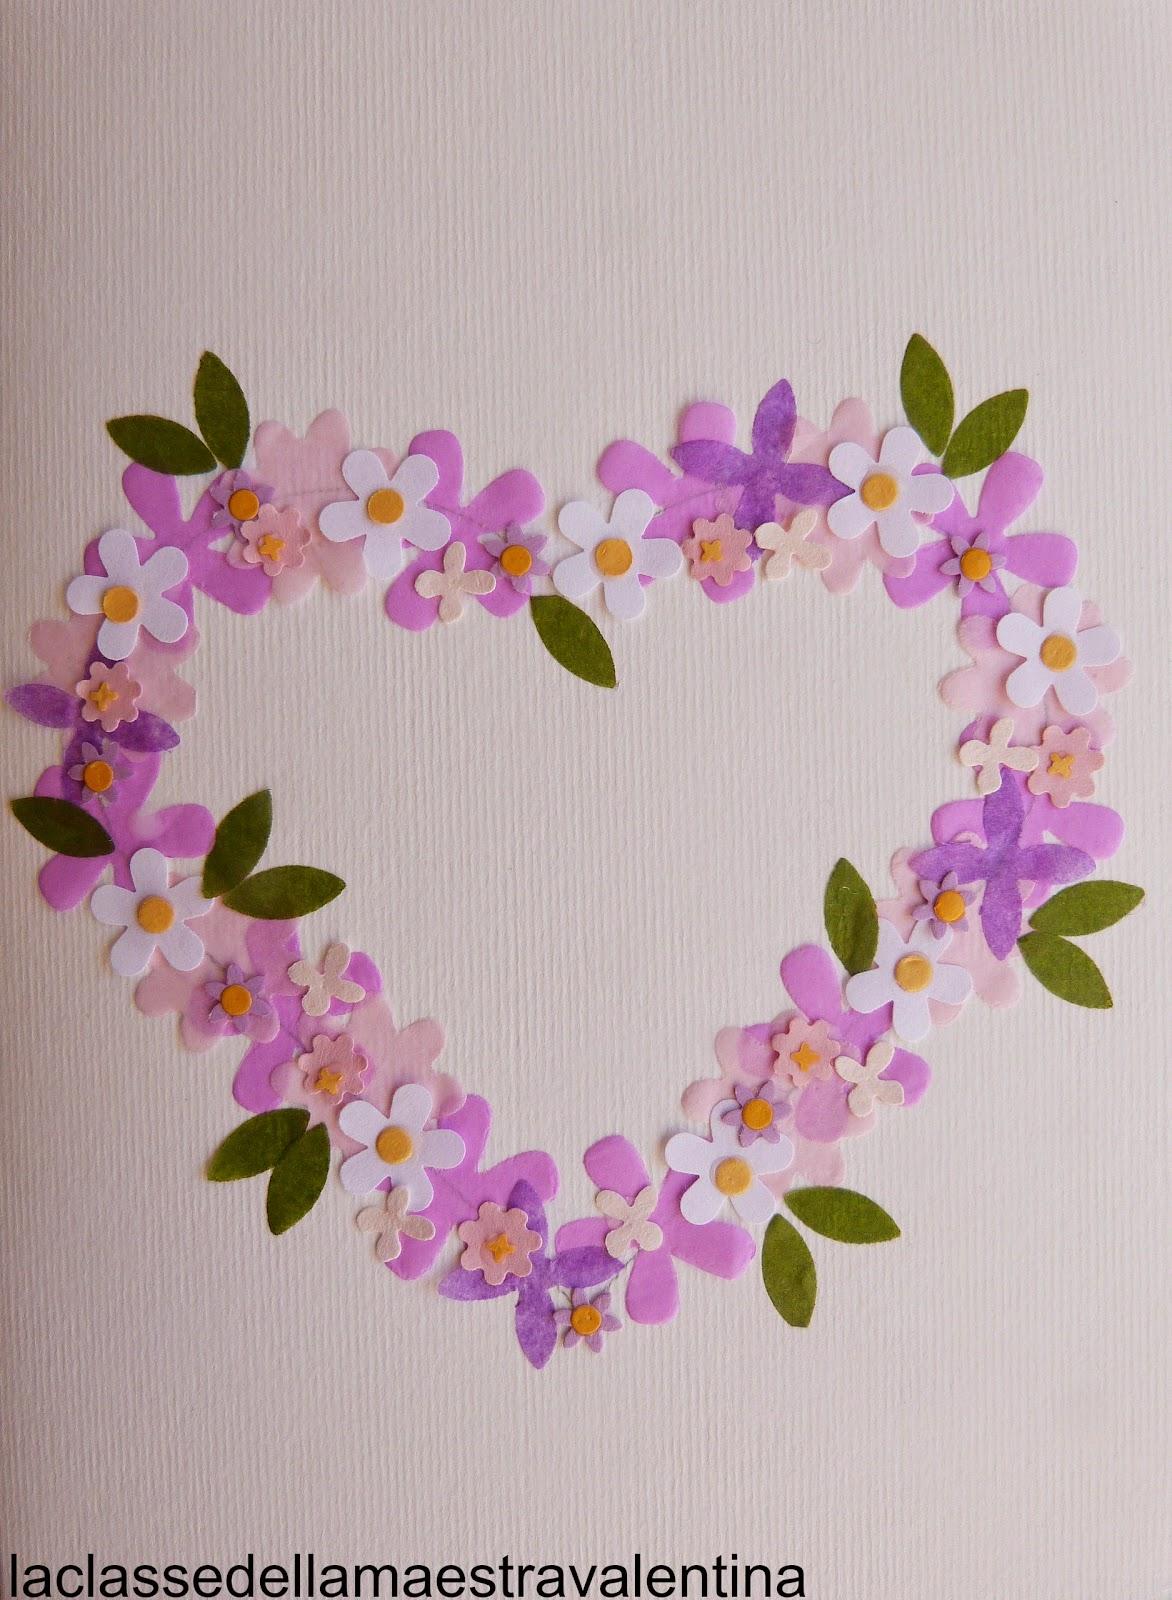 La classe della maestra valentina un mazzolino di fiori for La classe della maestra valentina primavera